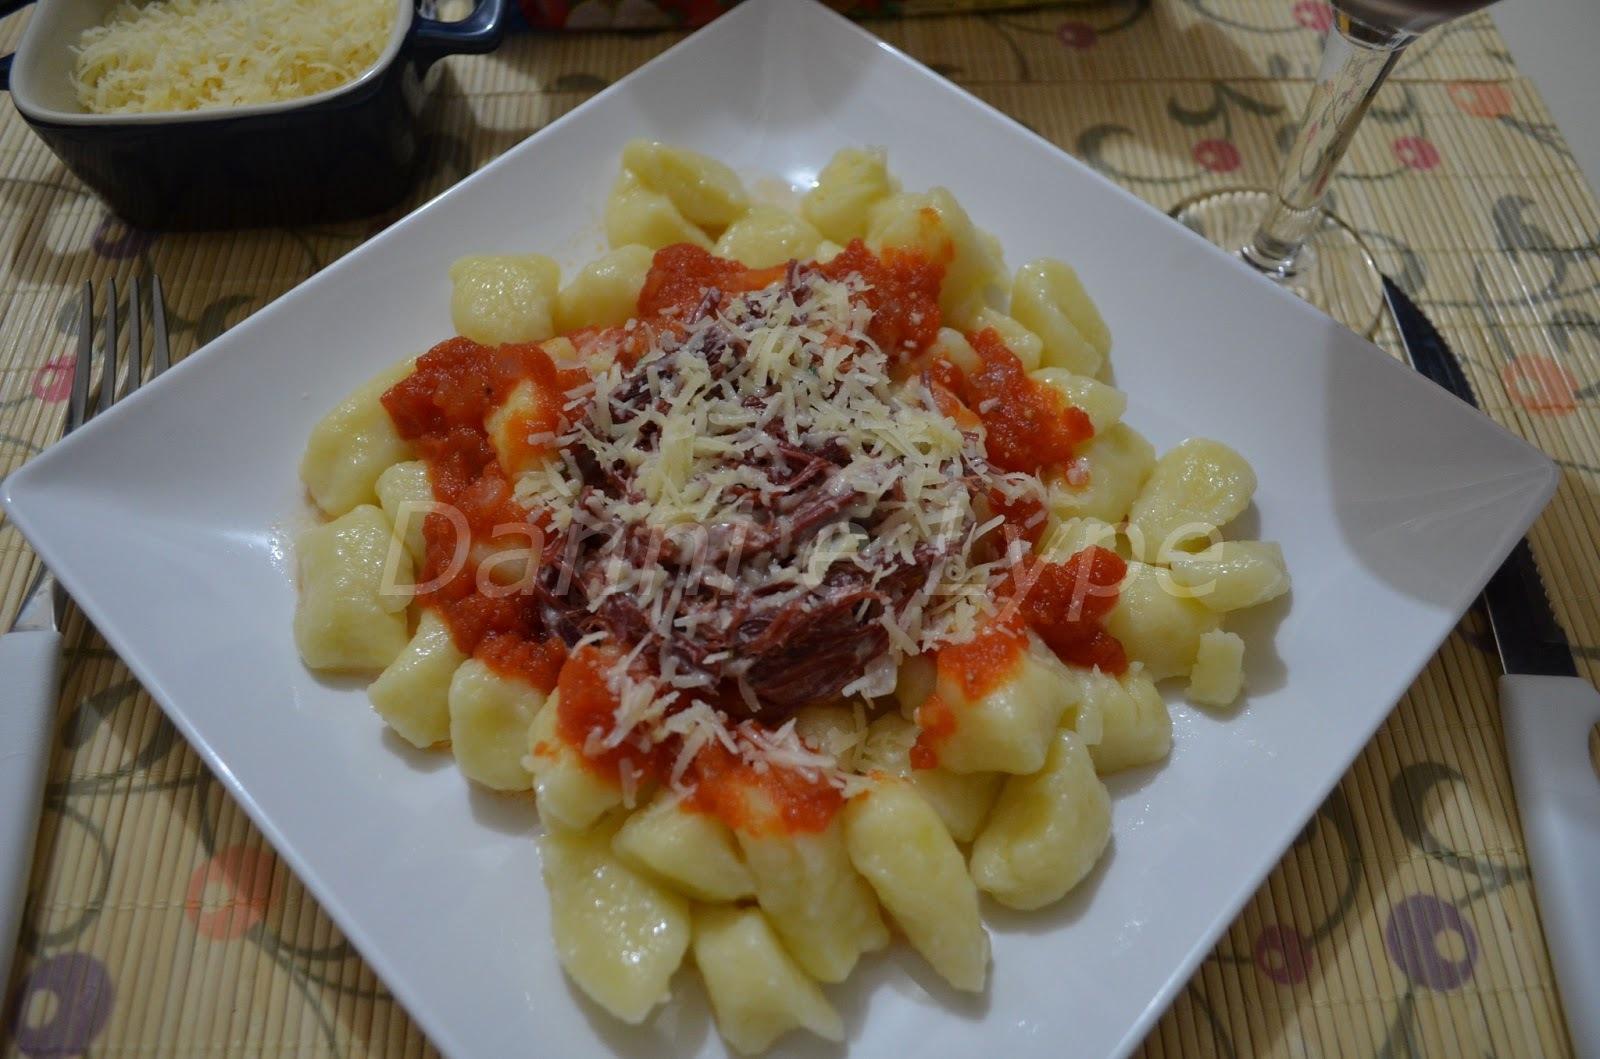 Nhoque de Batata com Carne Seca